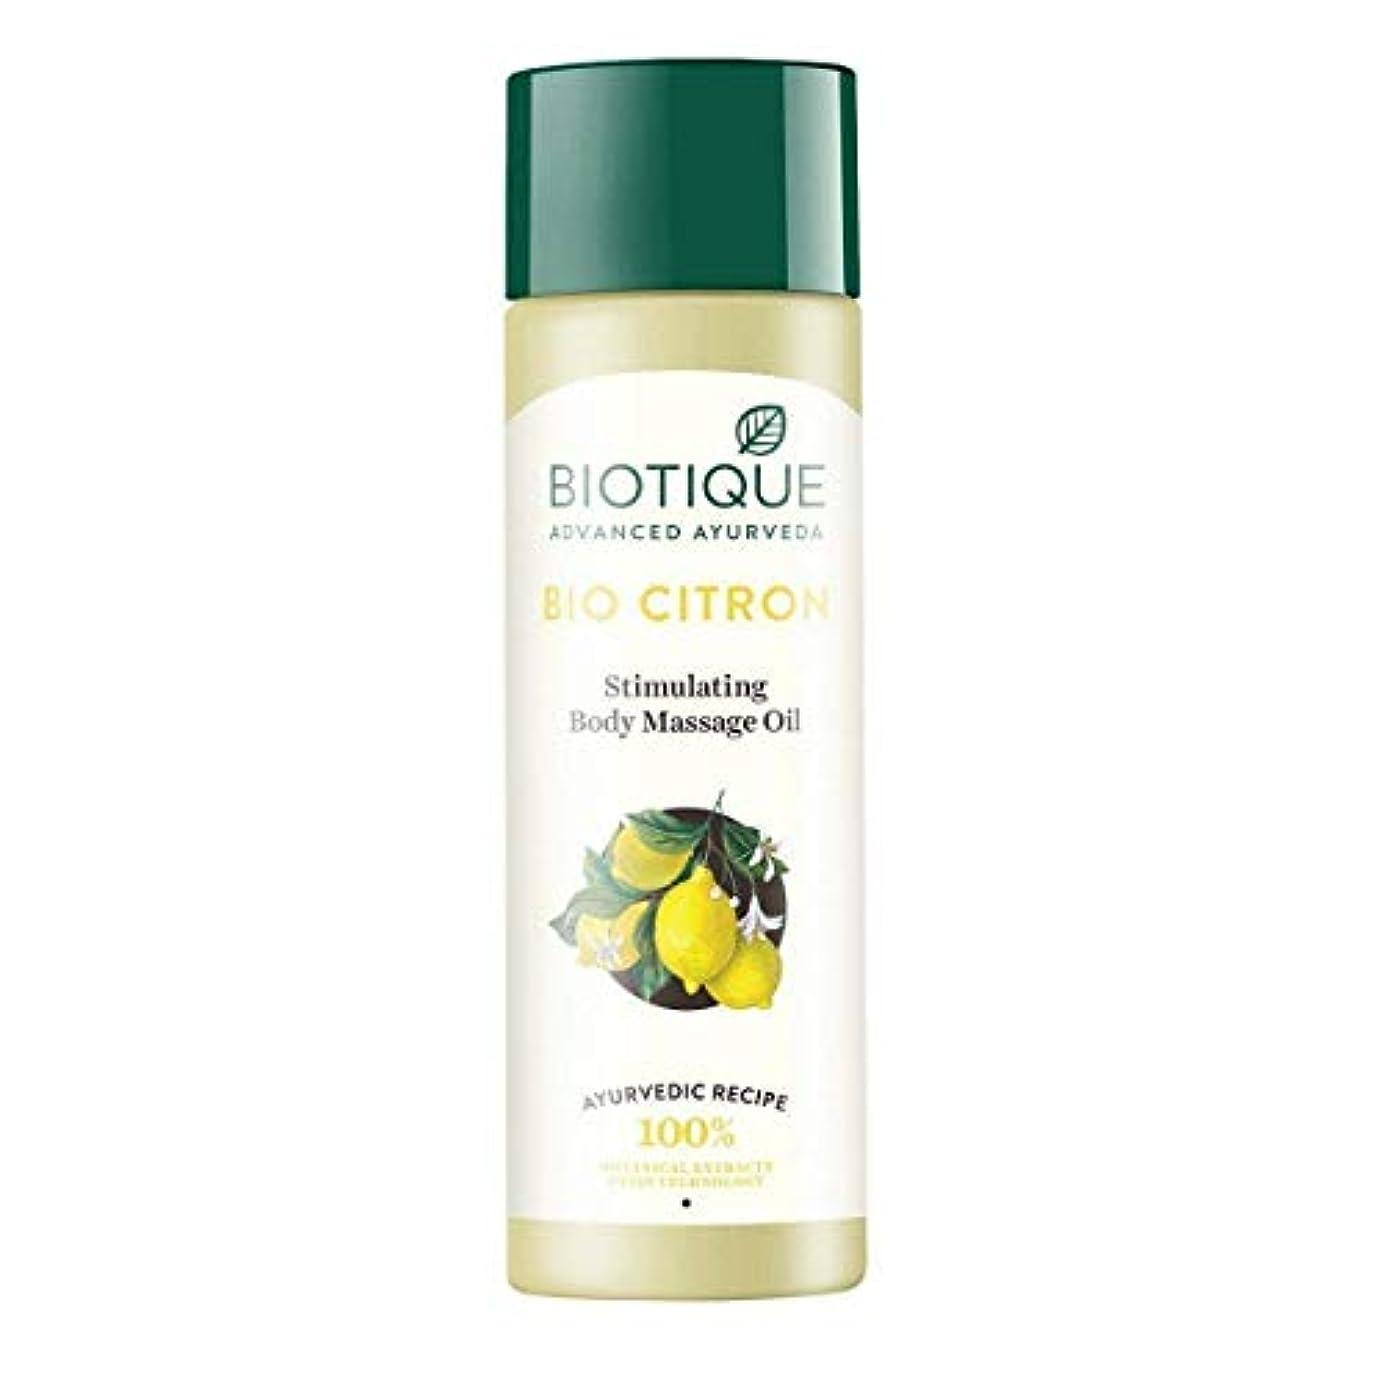 荒廃する非常に怒っていますアンプBiotique Bio Citron Stimulating Body Massage Oil, 200ml rich in vitamin Biotique バイオシトロン刺激ボディマッサージオイル、ビタミン